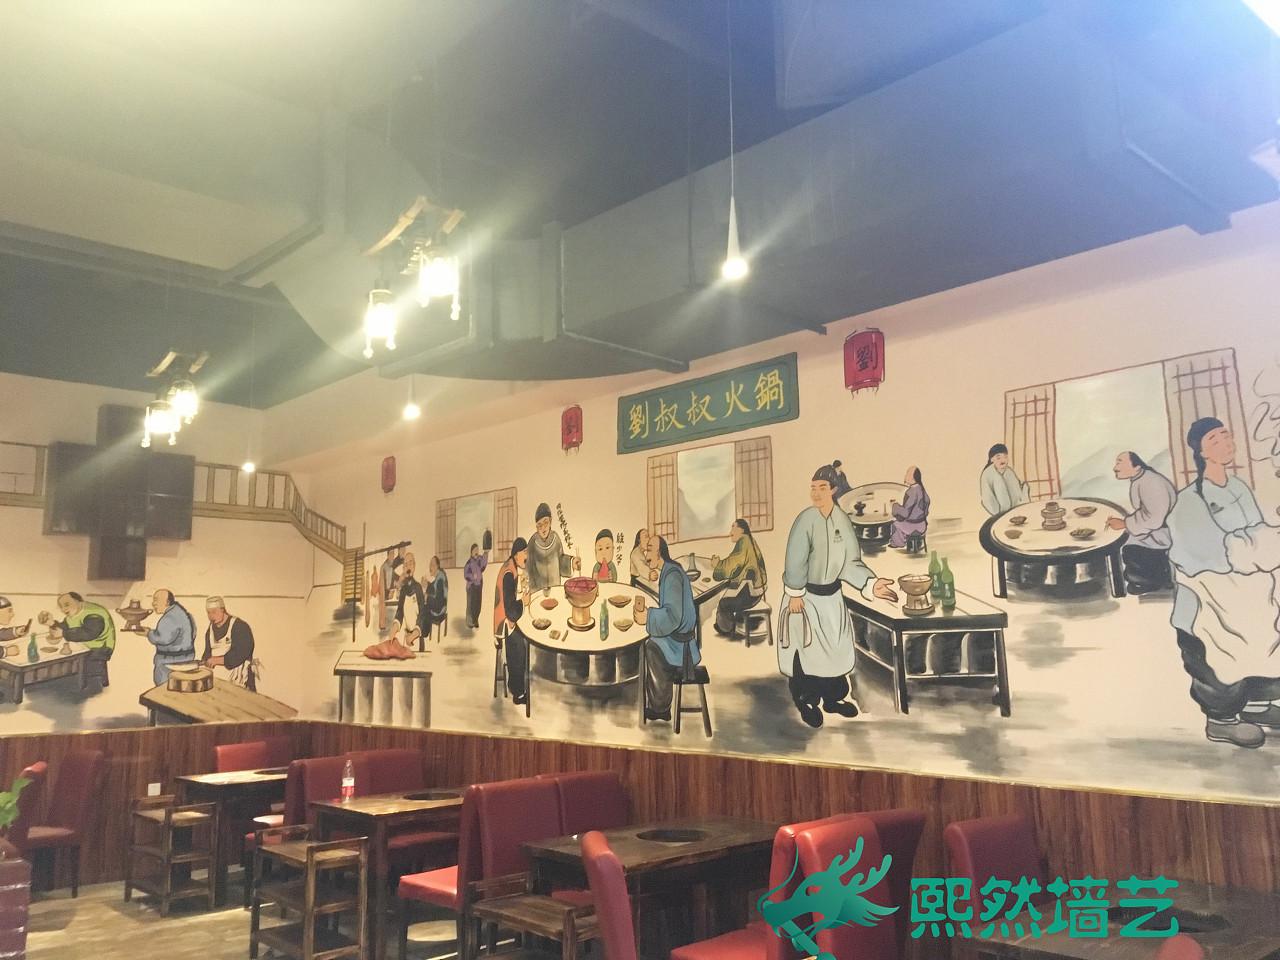 武汉熙然墙艺刘叔叔火锅店墙绘壁画设计